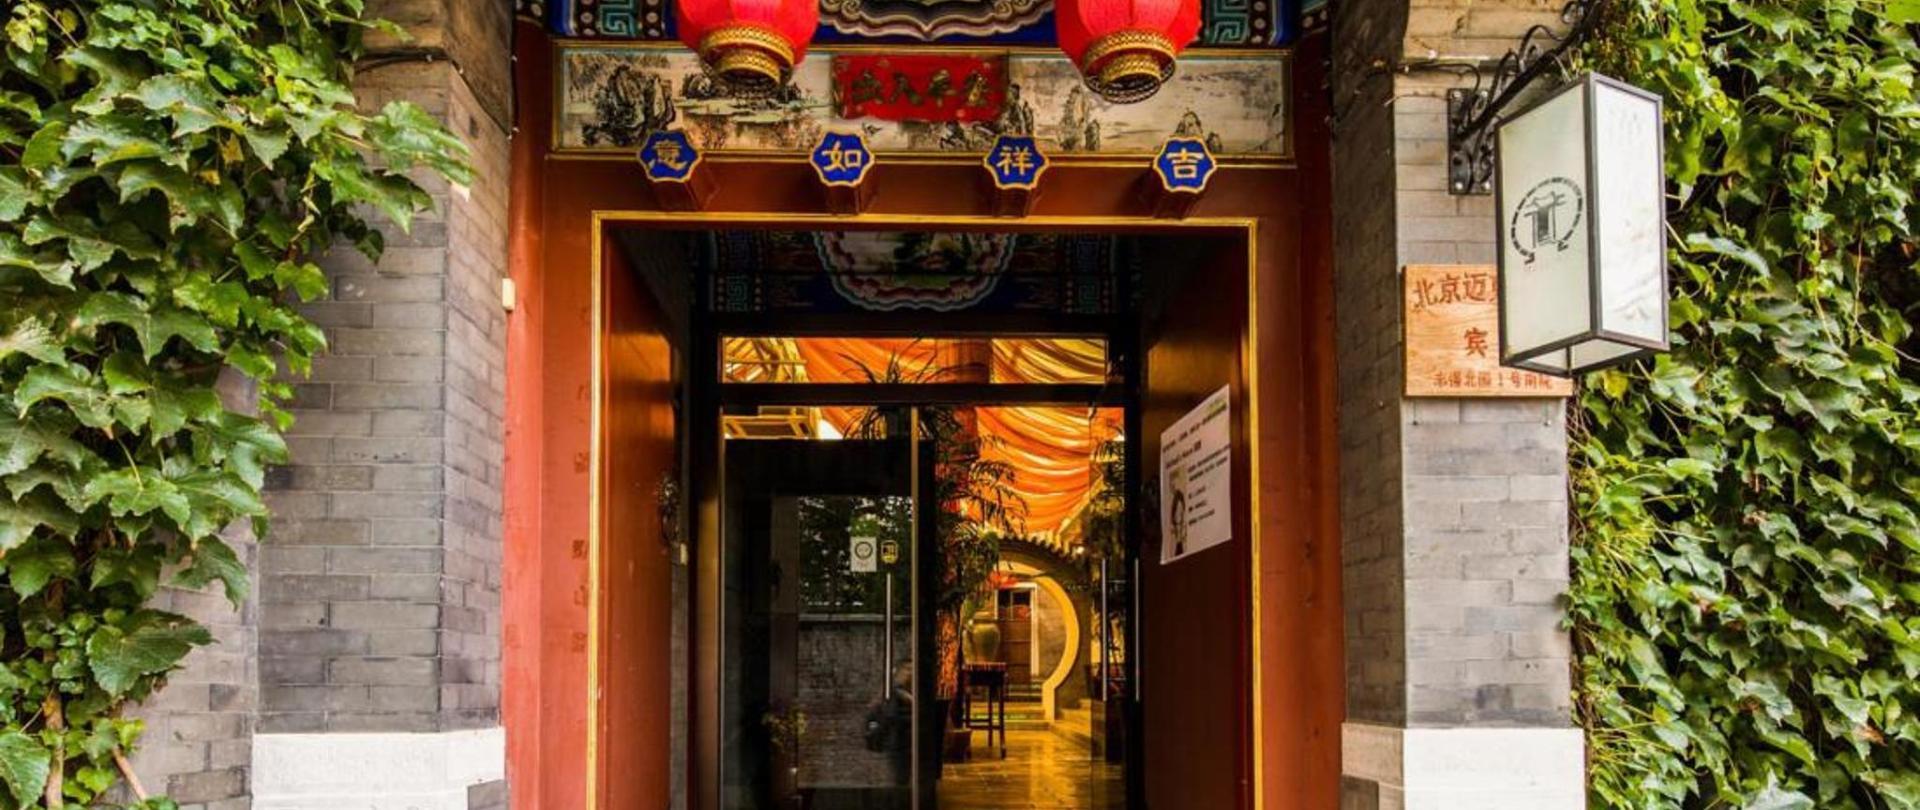 迈克尔的家北京